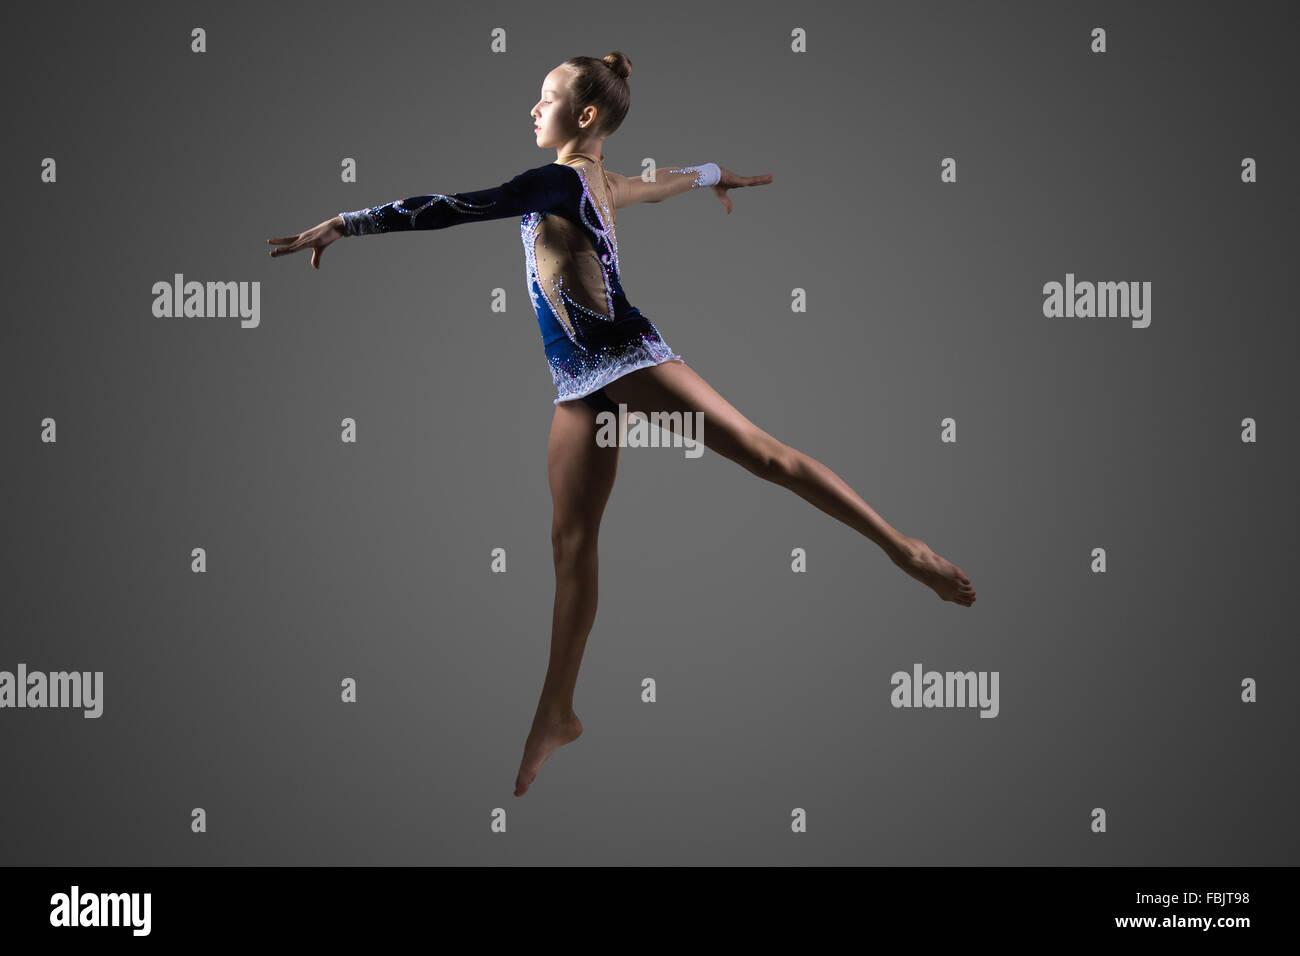 Schöne Coole Junge Passen Turnerin Frau In Blauen Sportbekleidung